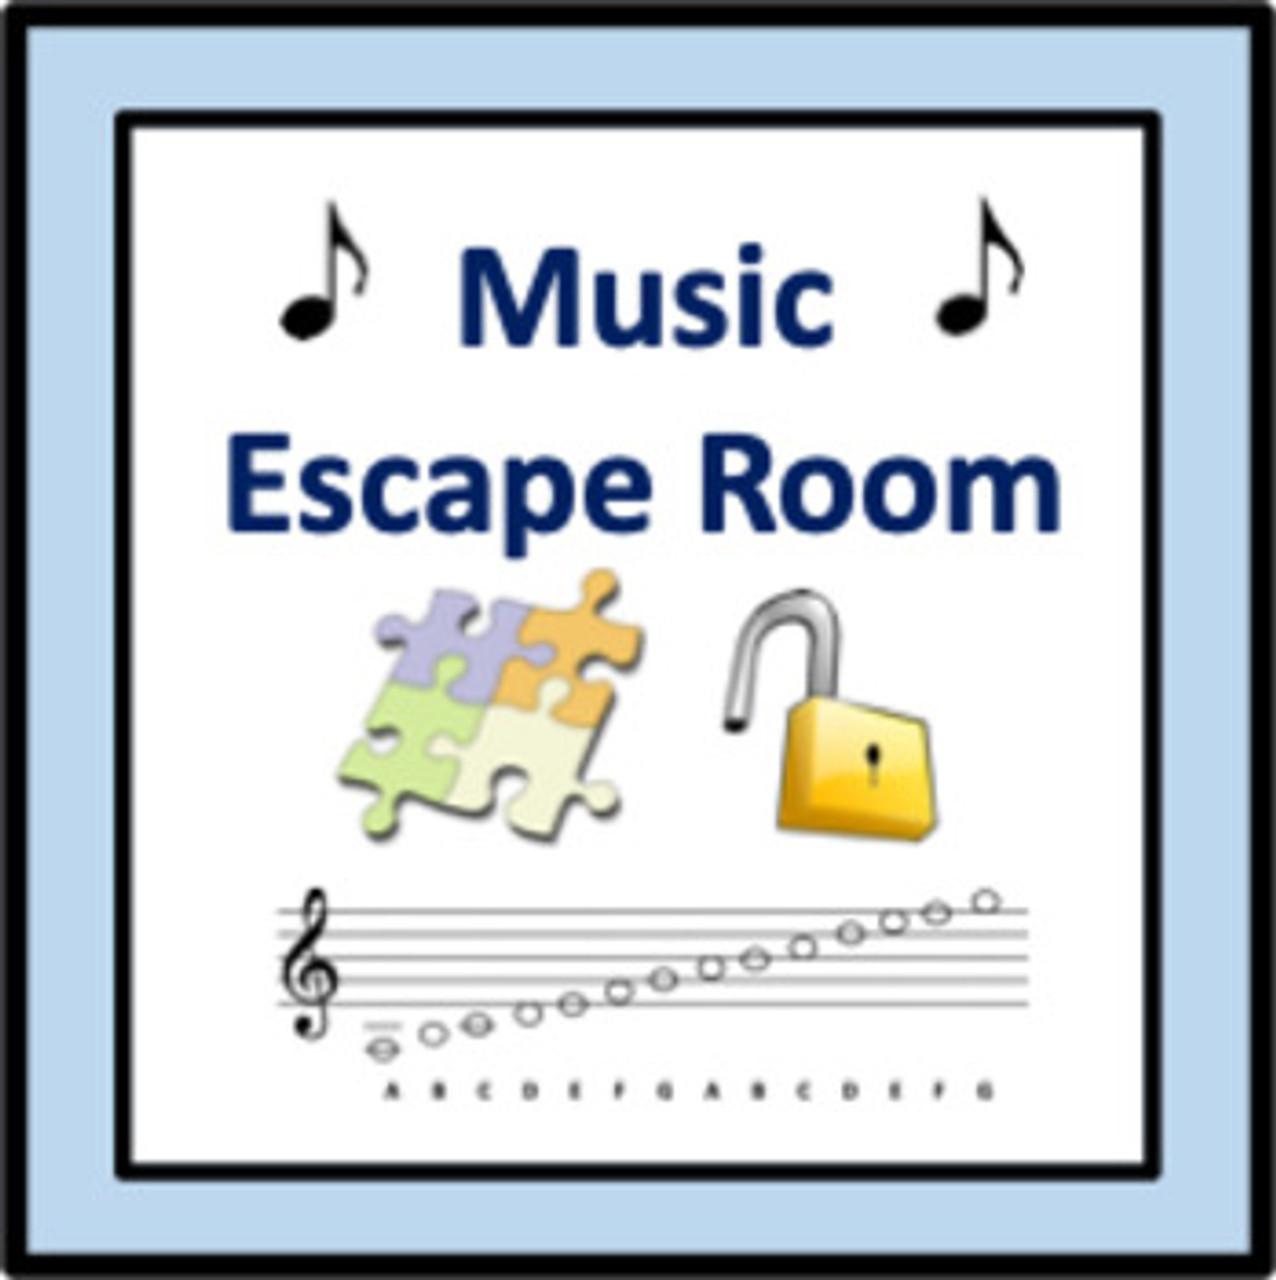 Music Escape Room